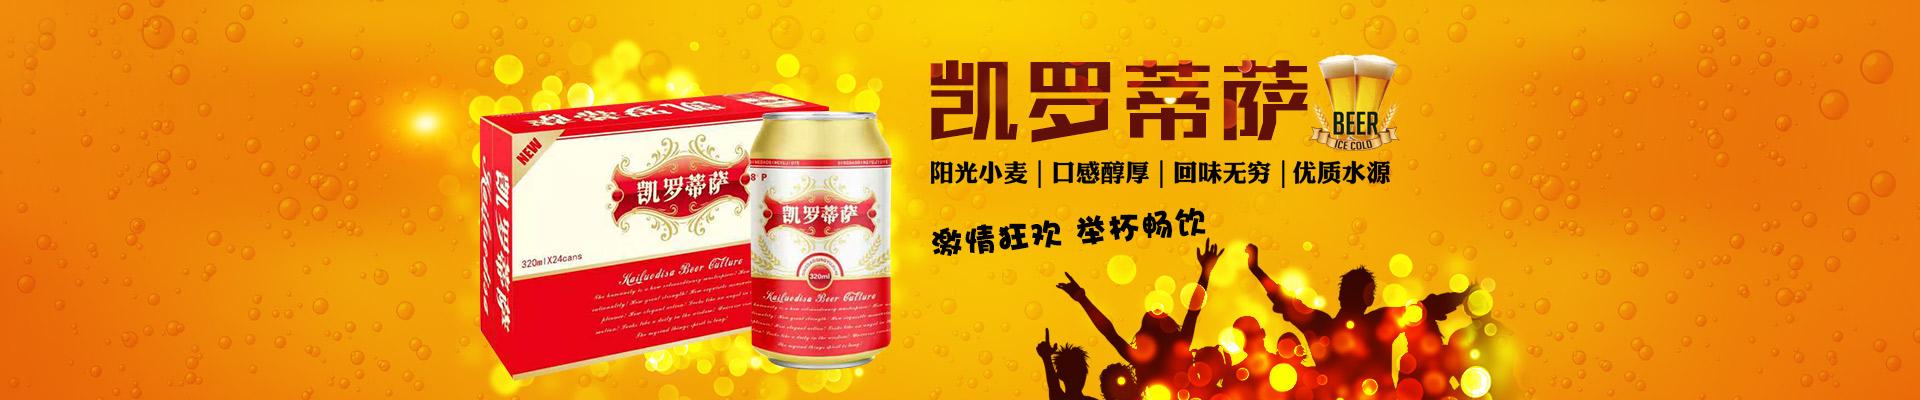 青岛青雨啤酒有限公司